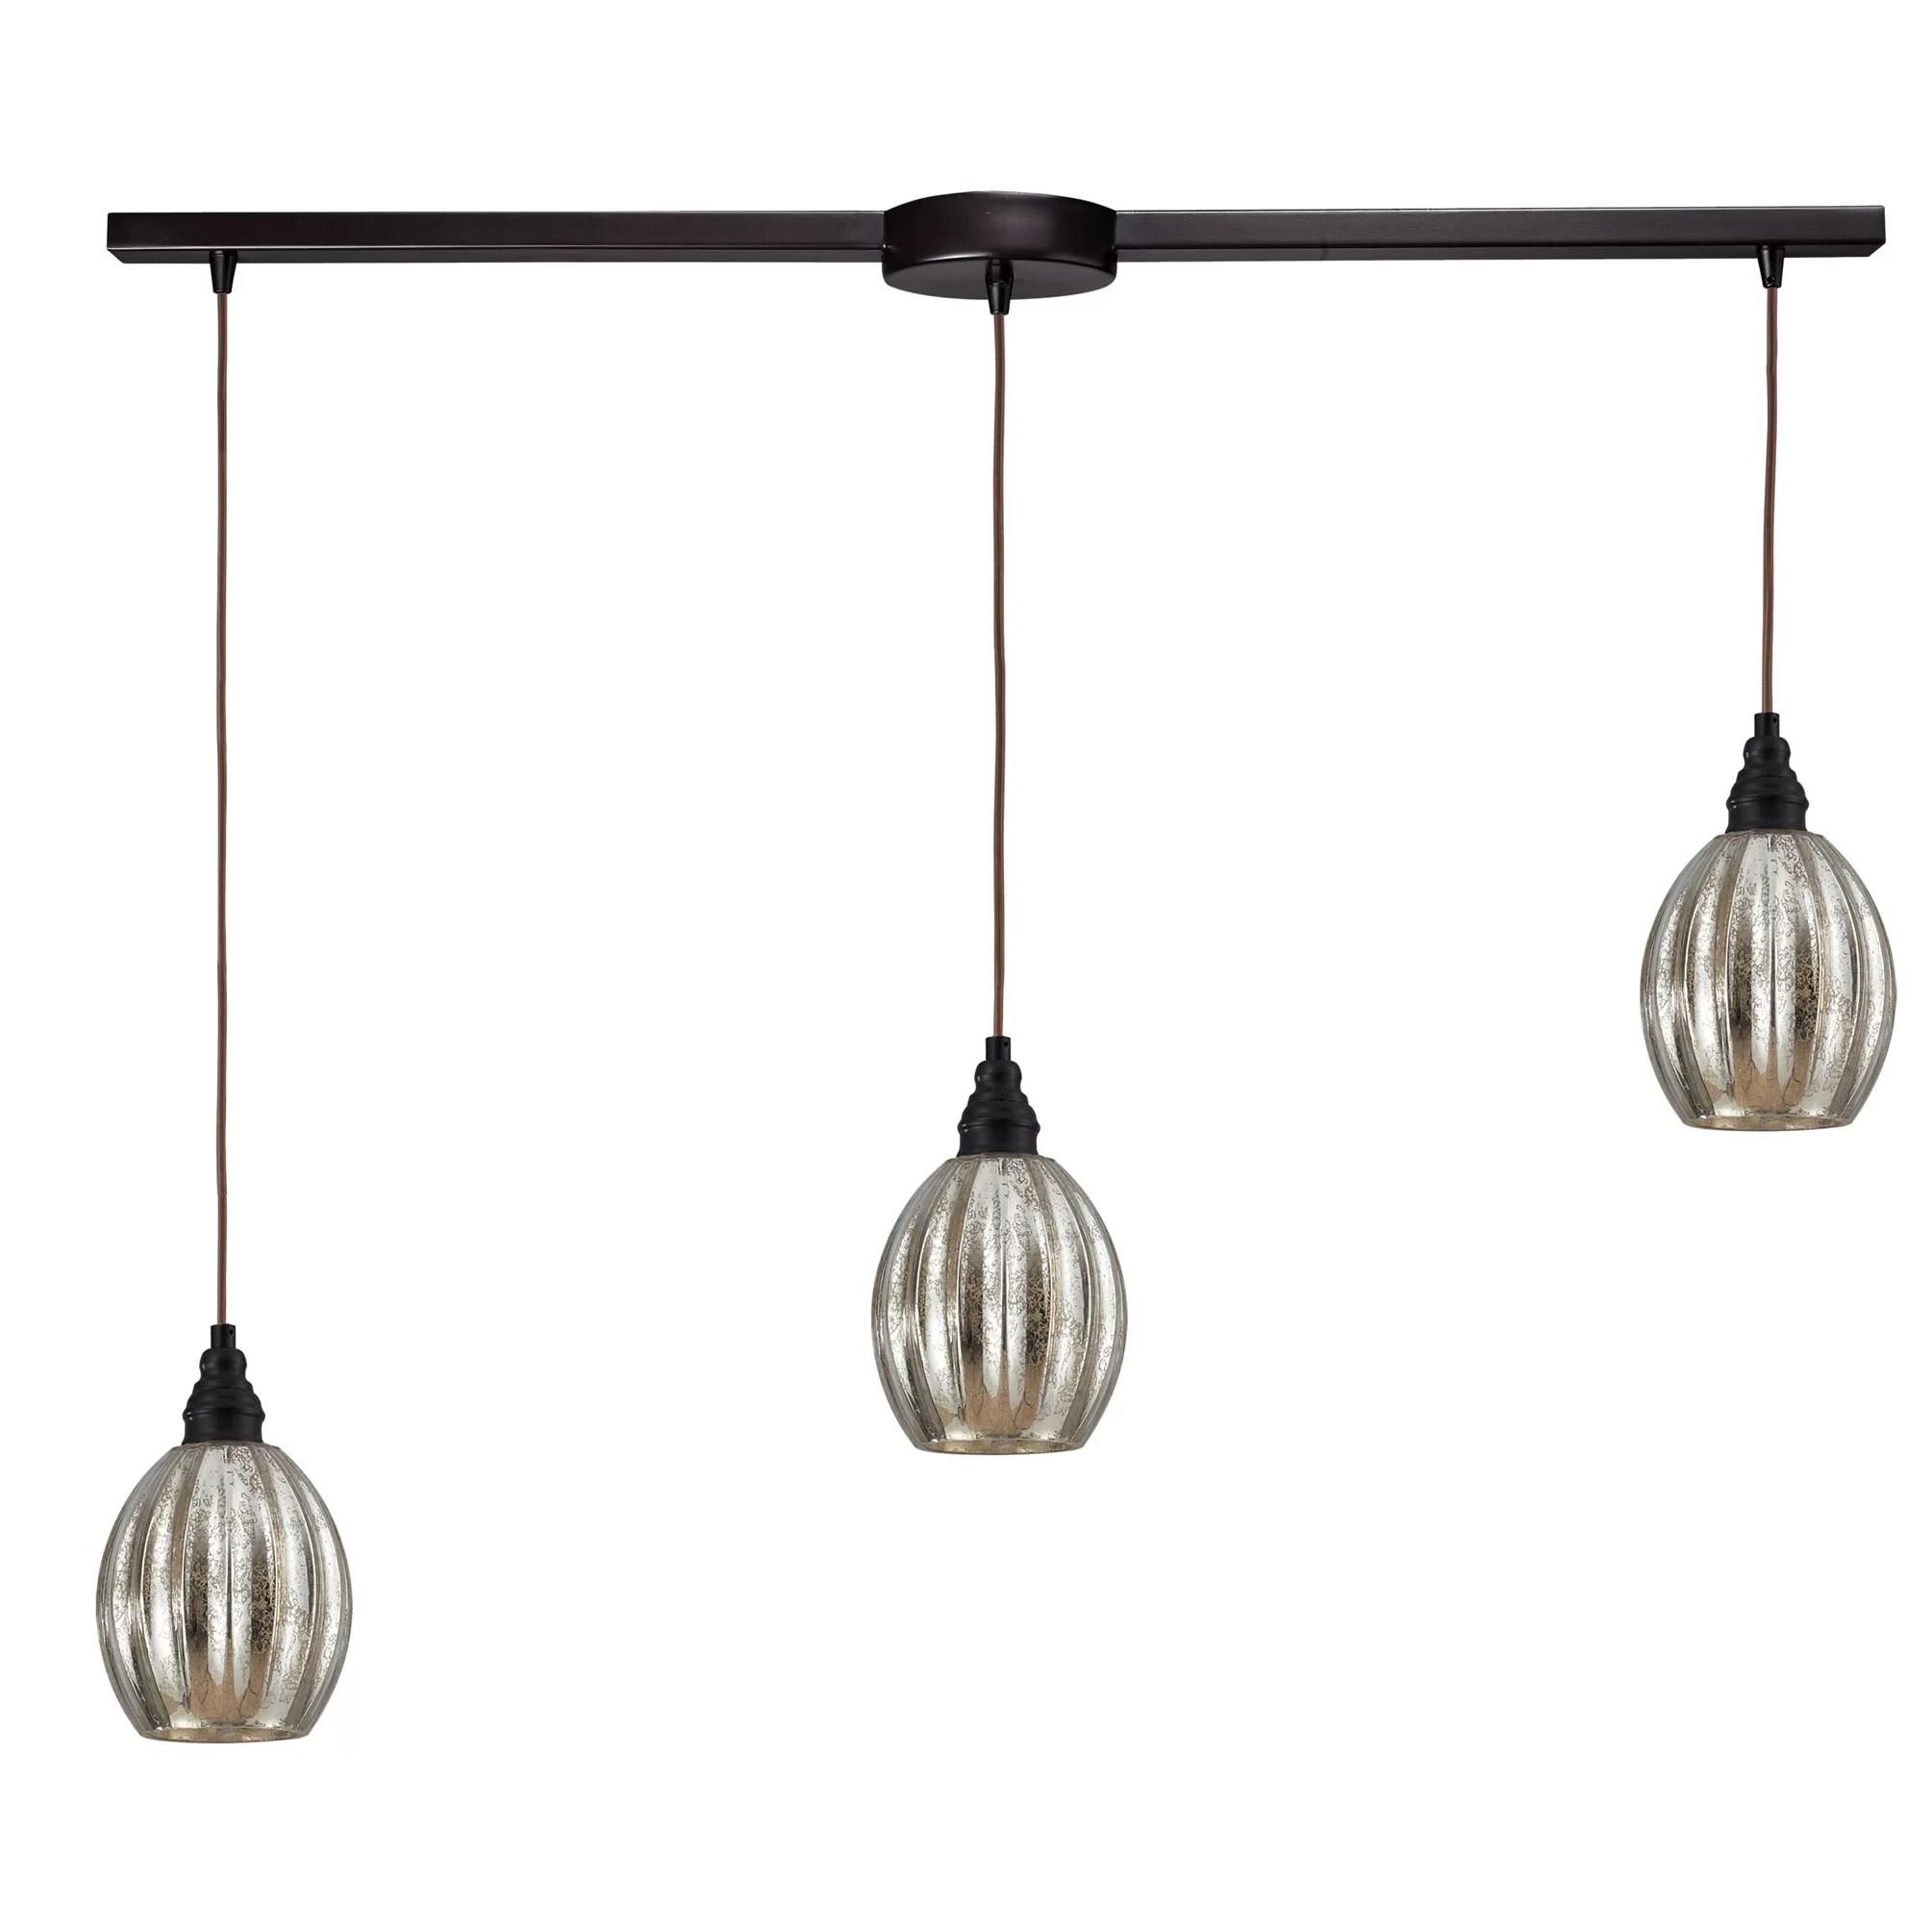 3 light kitchen island pendant sink 33x22 elk lighting danica wayfair